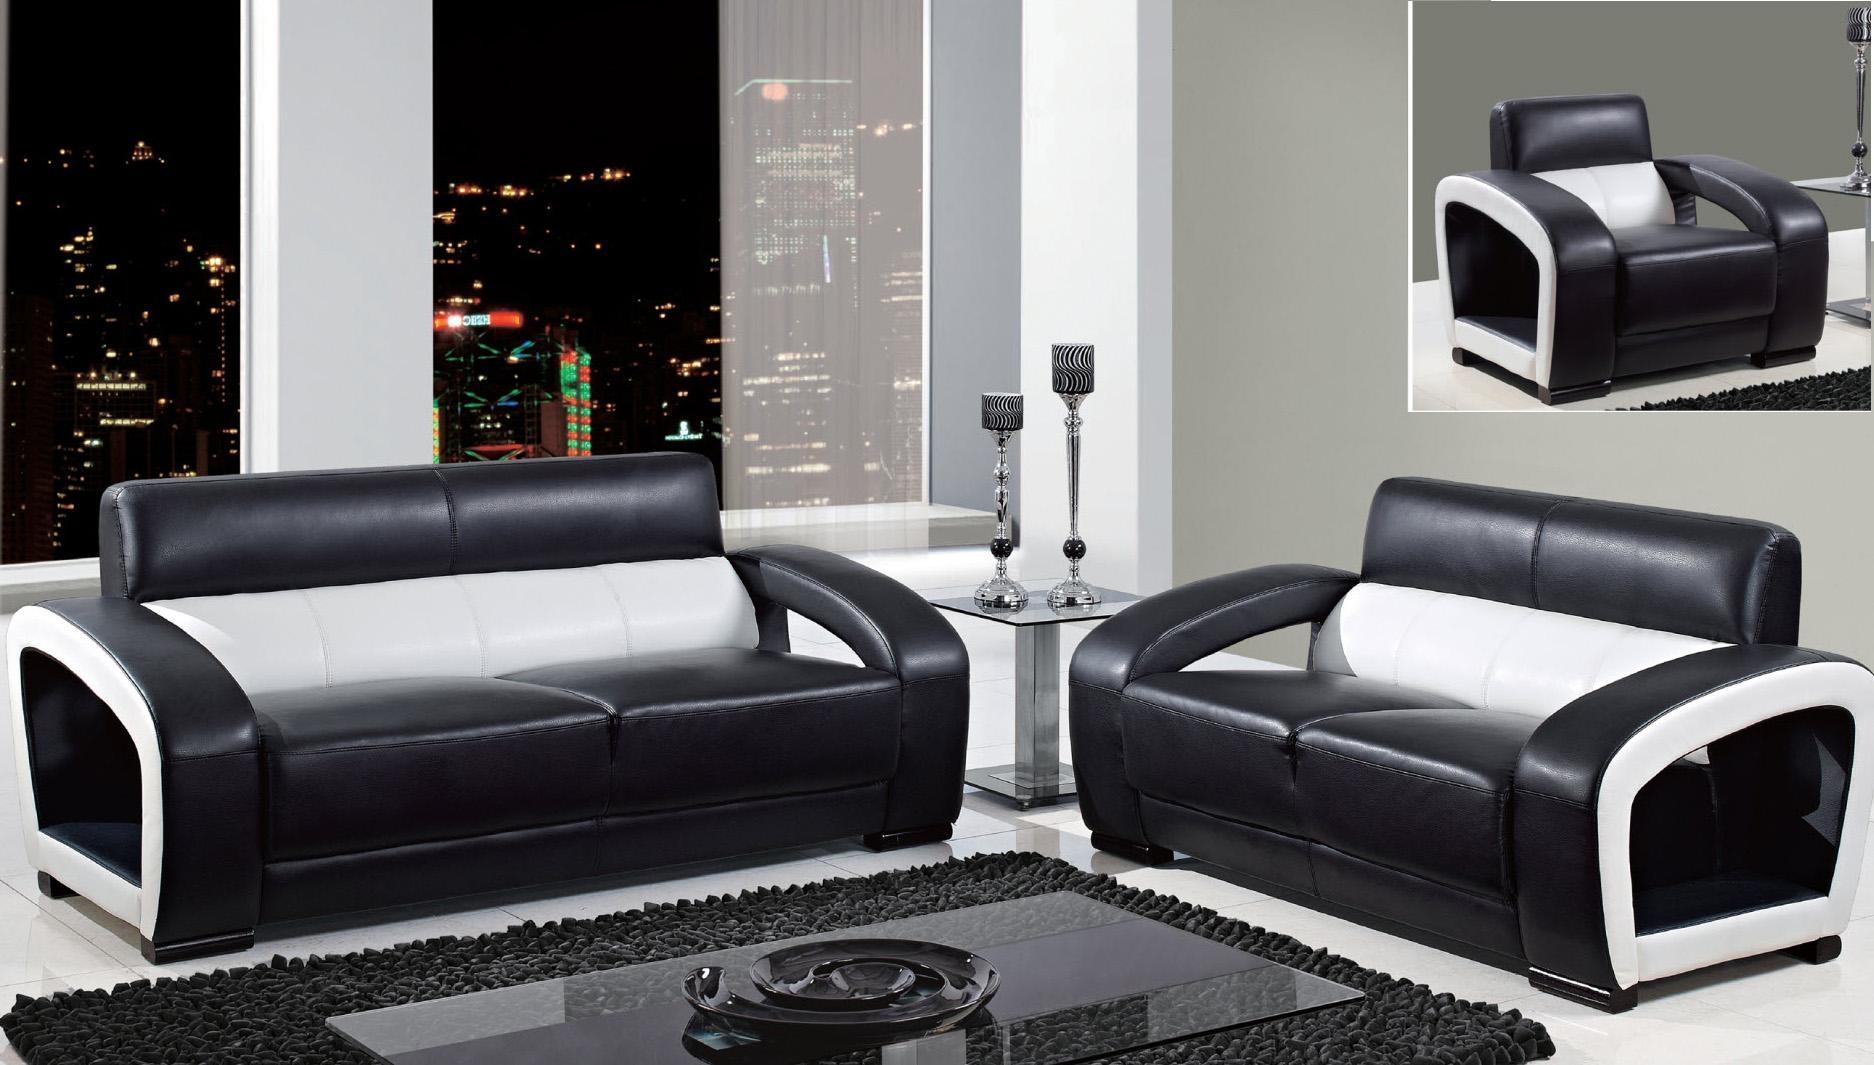 30 Imagens Para Te Inspirar Na Hora De Decorar A Sua Sala Neutral Regarding Sofas Black And White Colors (Image 2 of 20)